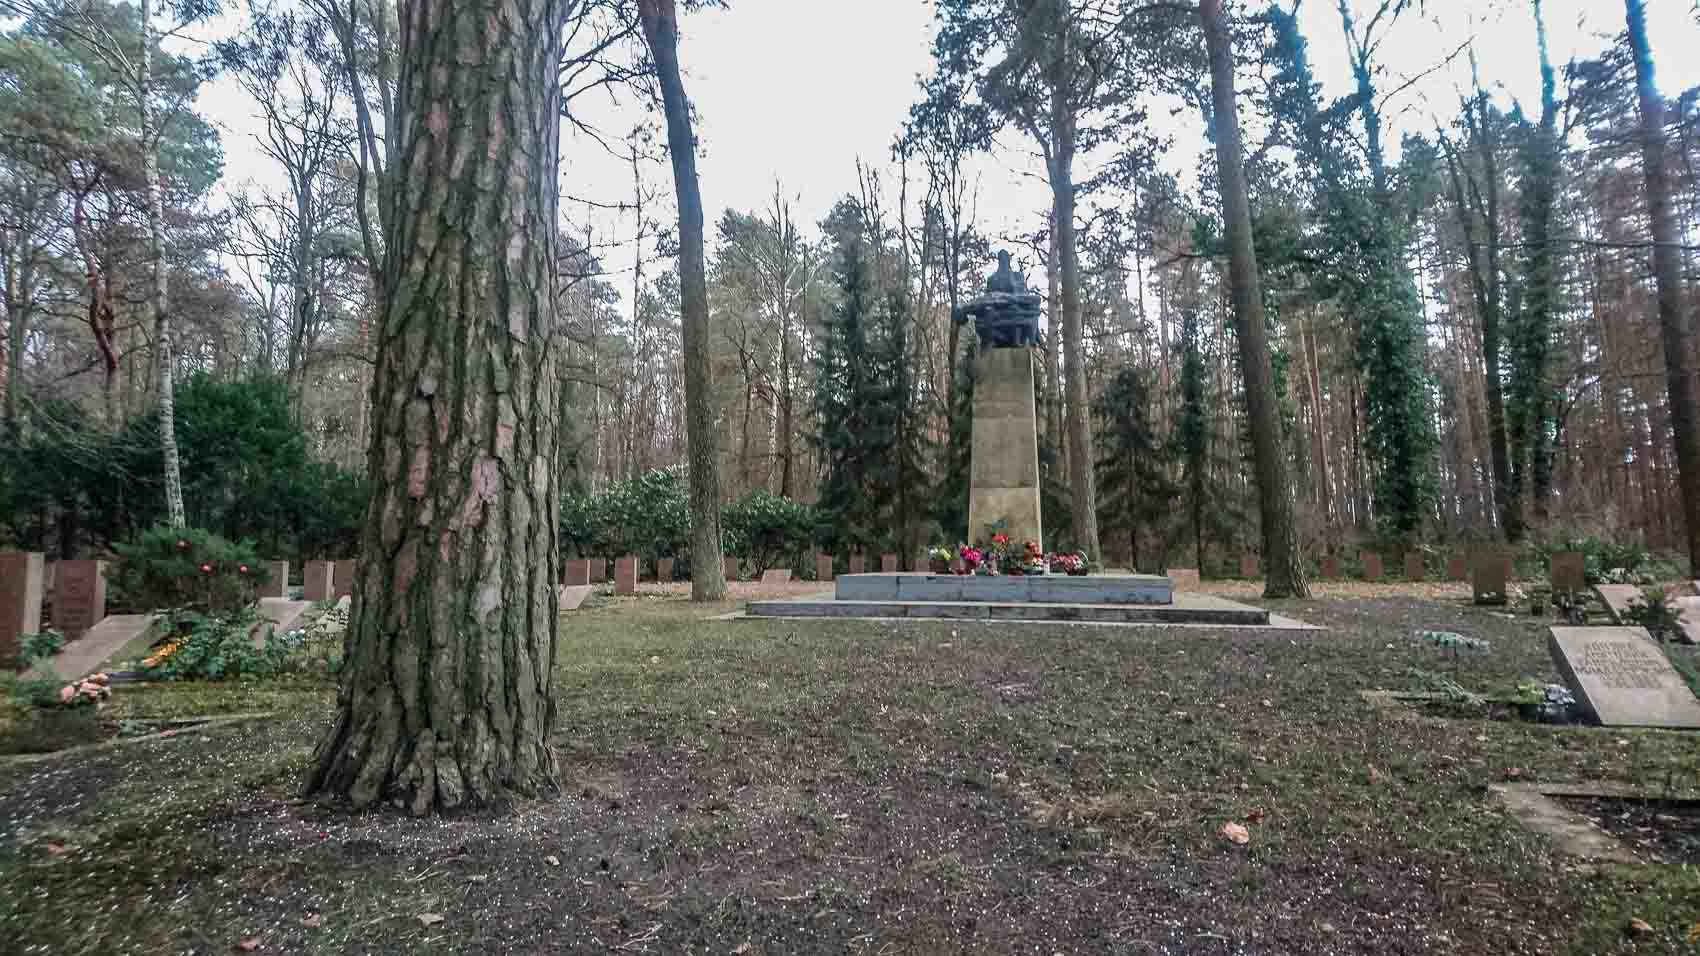 Ehrenmal Sowjetischer Soldatenfriedhof Cottbus